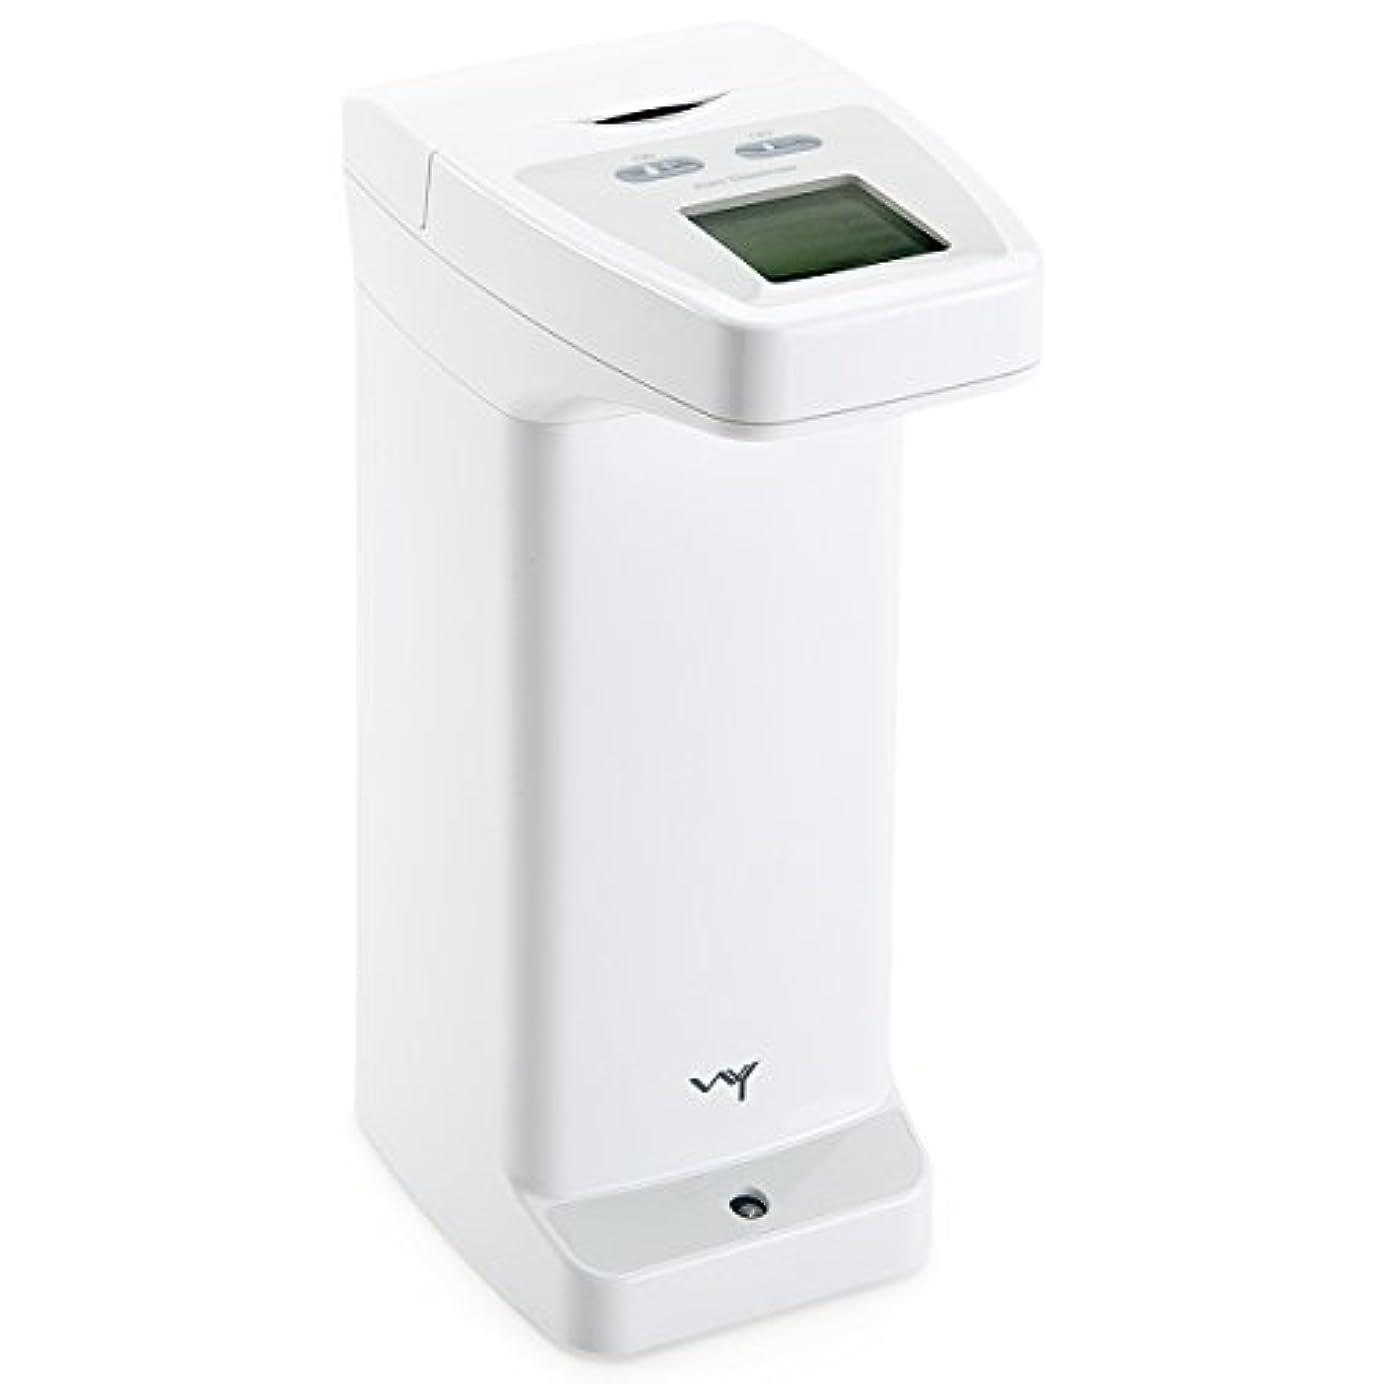 シャッフル準拠実用的WY 自動センサーディスペンサー 洗剤 ハンドソープ アルコール用 ソープディスペンサー 防滴 液晶付き WY-HM012